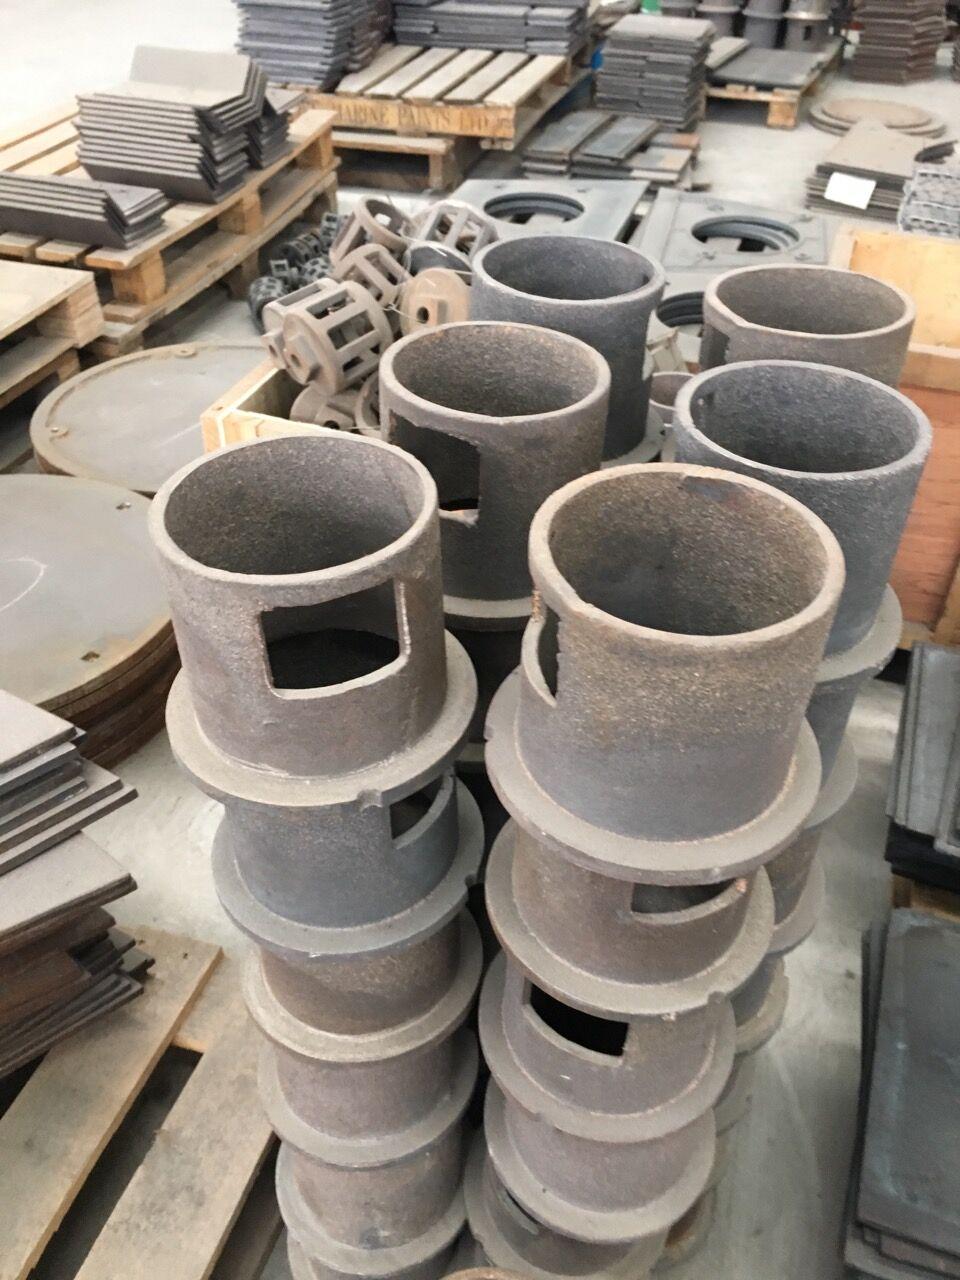 无锡抛丸机配件,易损件,耐磨铸铁件厂家直销 澳门金莎抛丸机维修服务